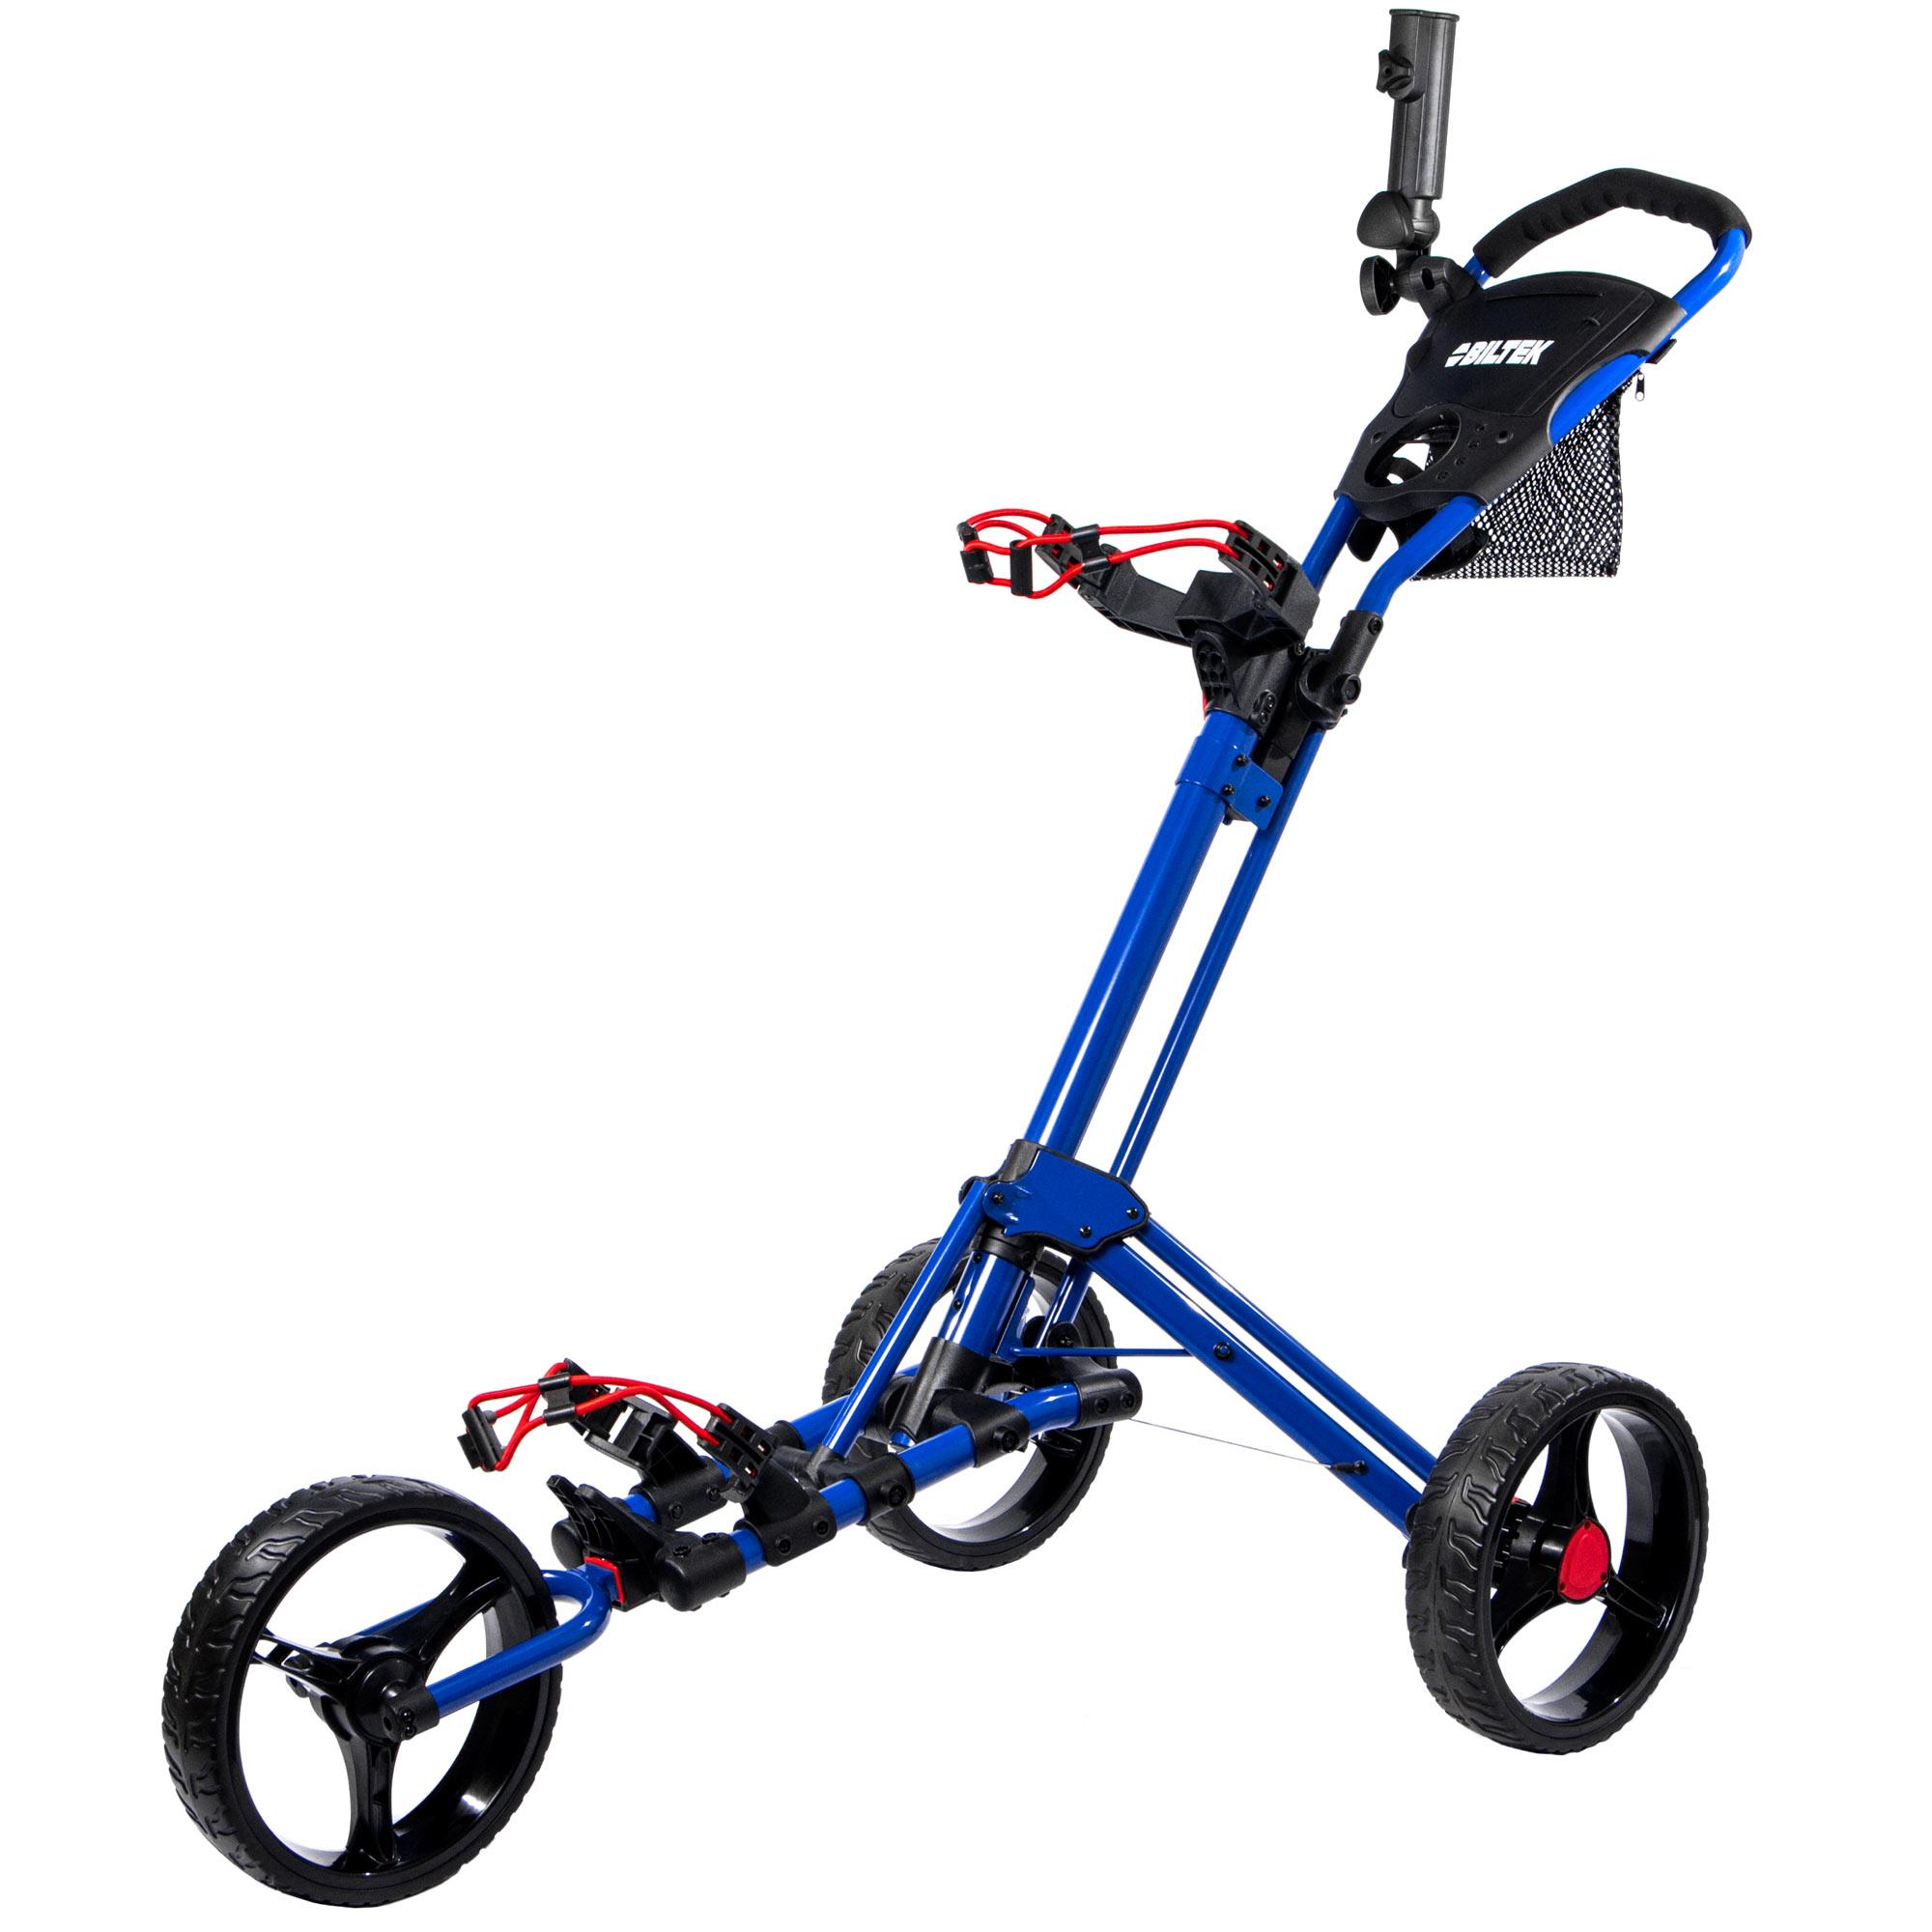 KapscoMoto Biltek Biltek Premium 3-Wheel Golf Push Cart T...